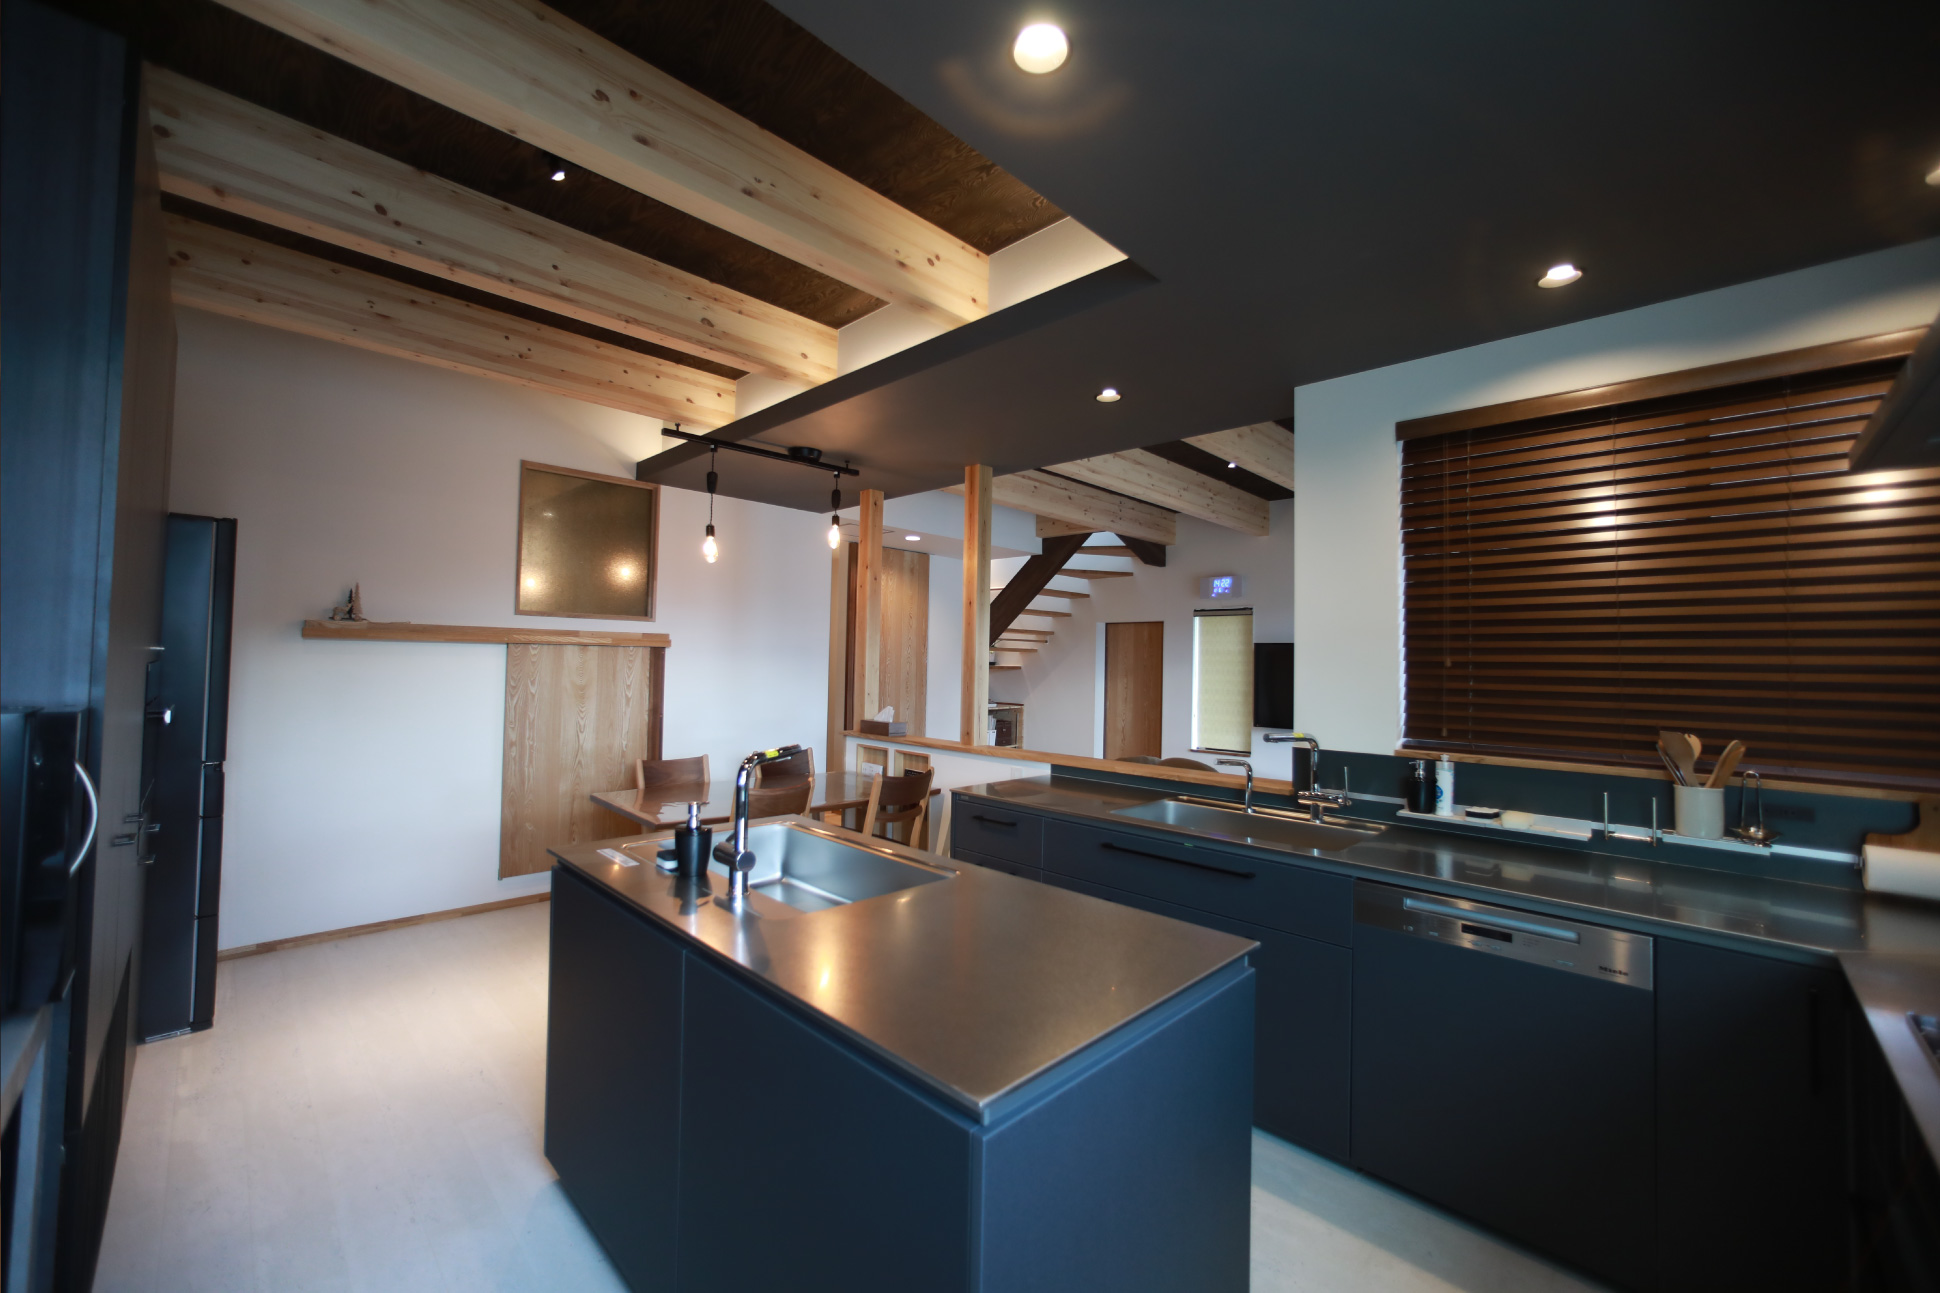 コの字型キッチン:君津 戸建て新築